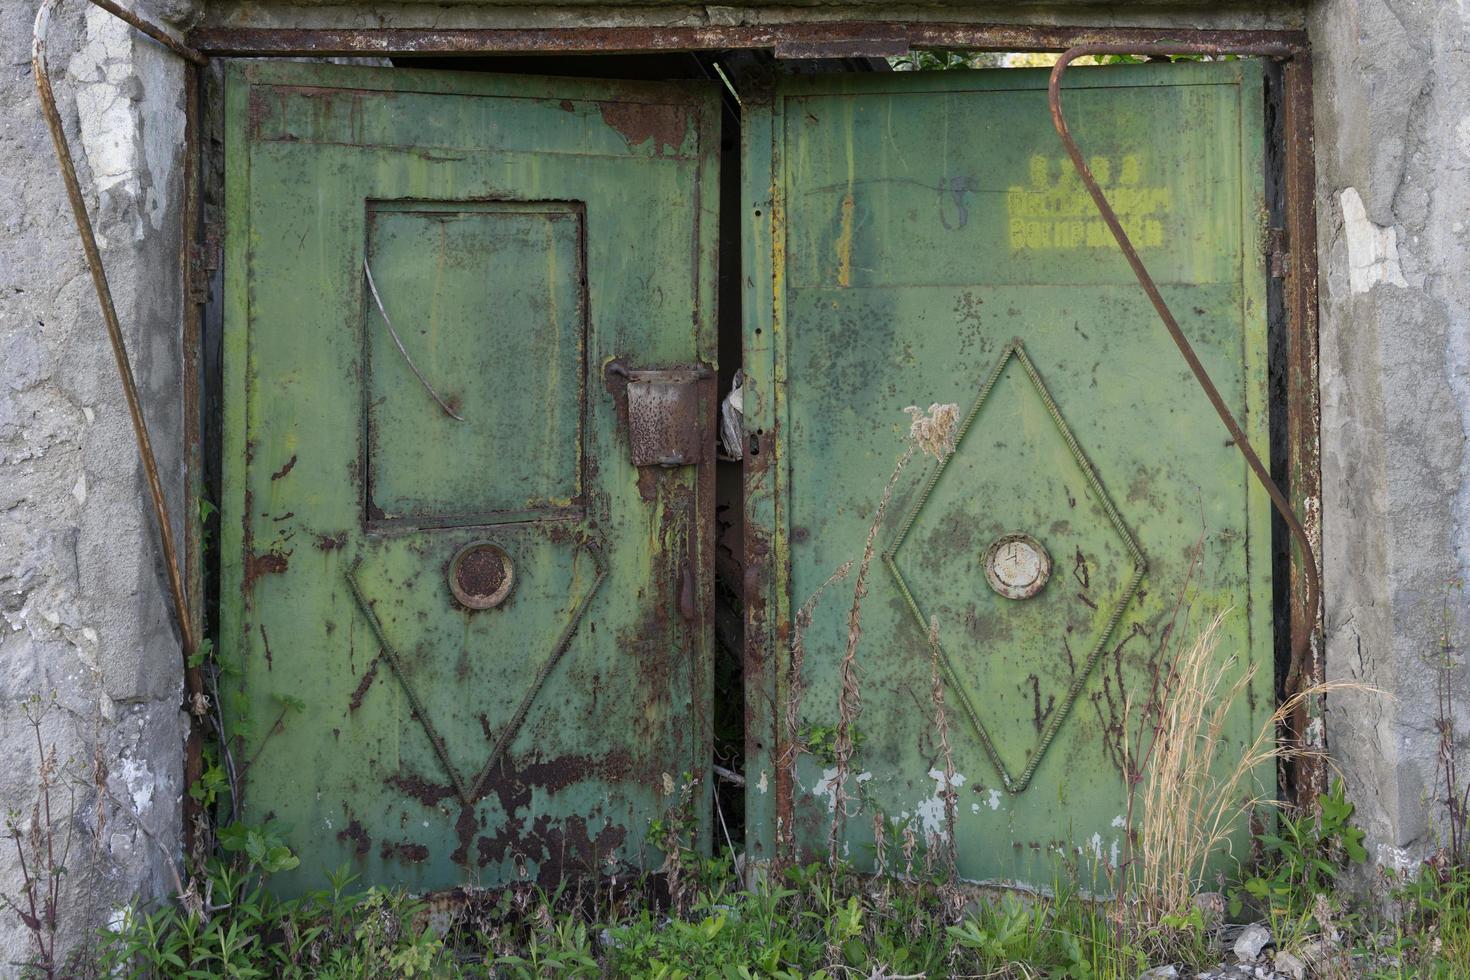 ancienne porte métallique sur le fond d'un mur de briques grises. photo